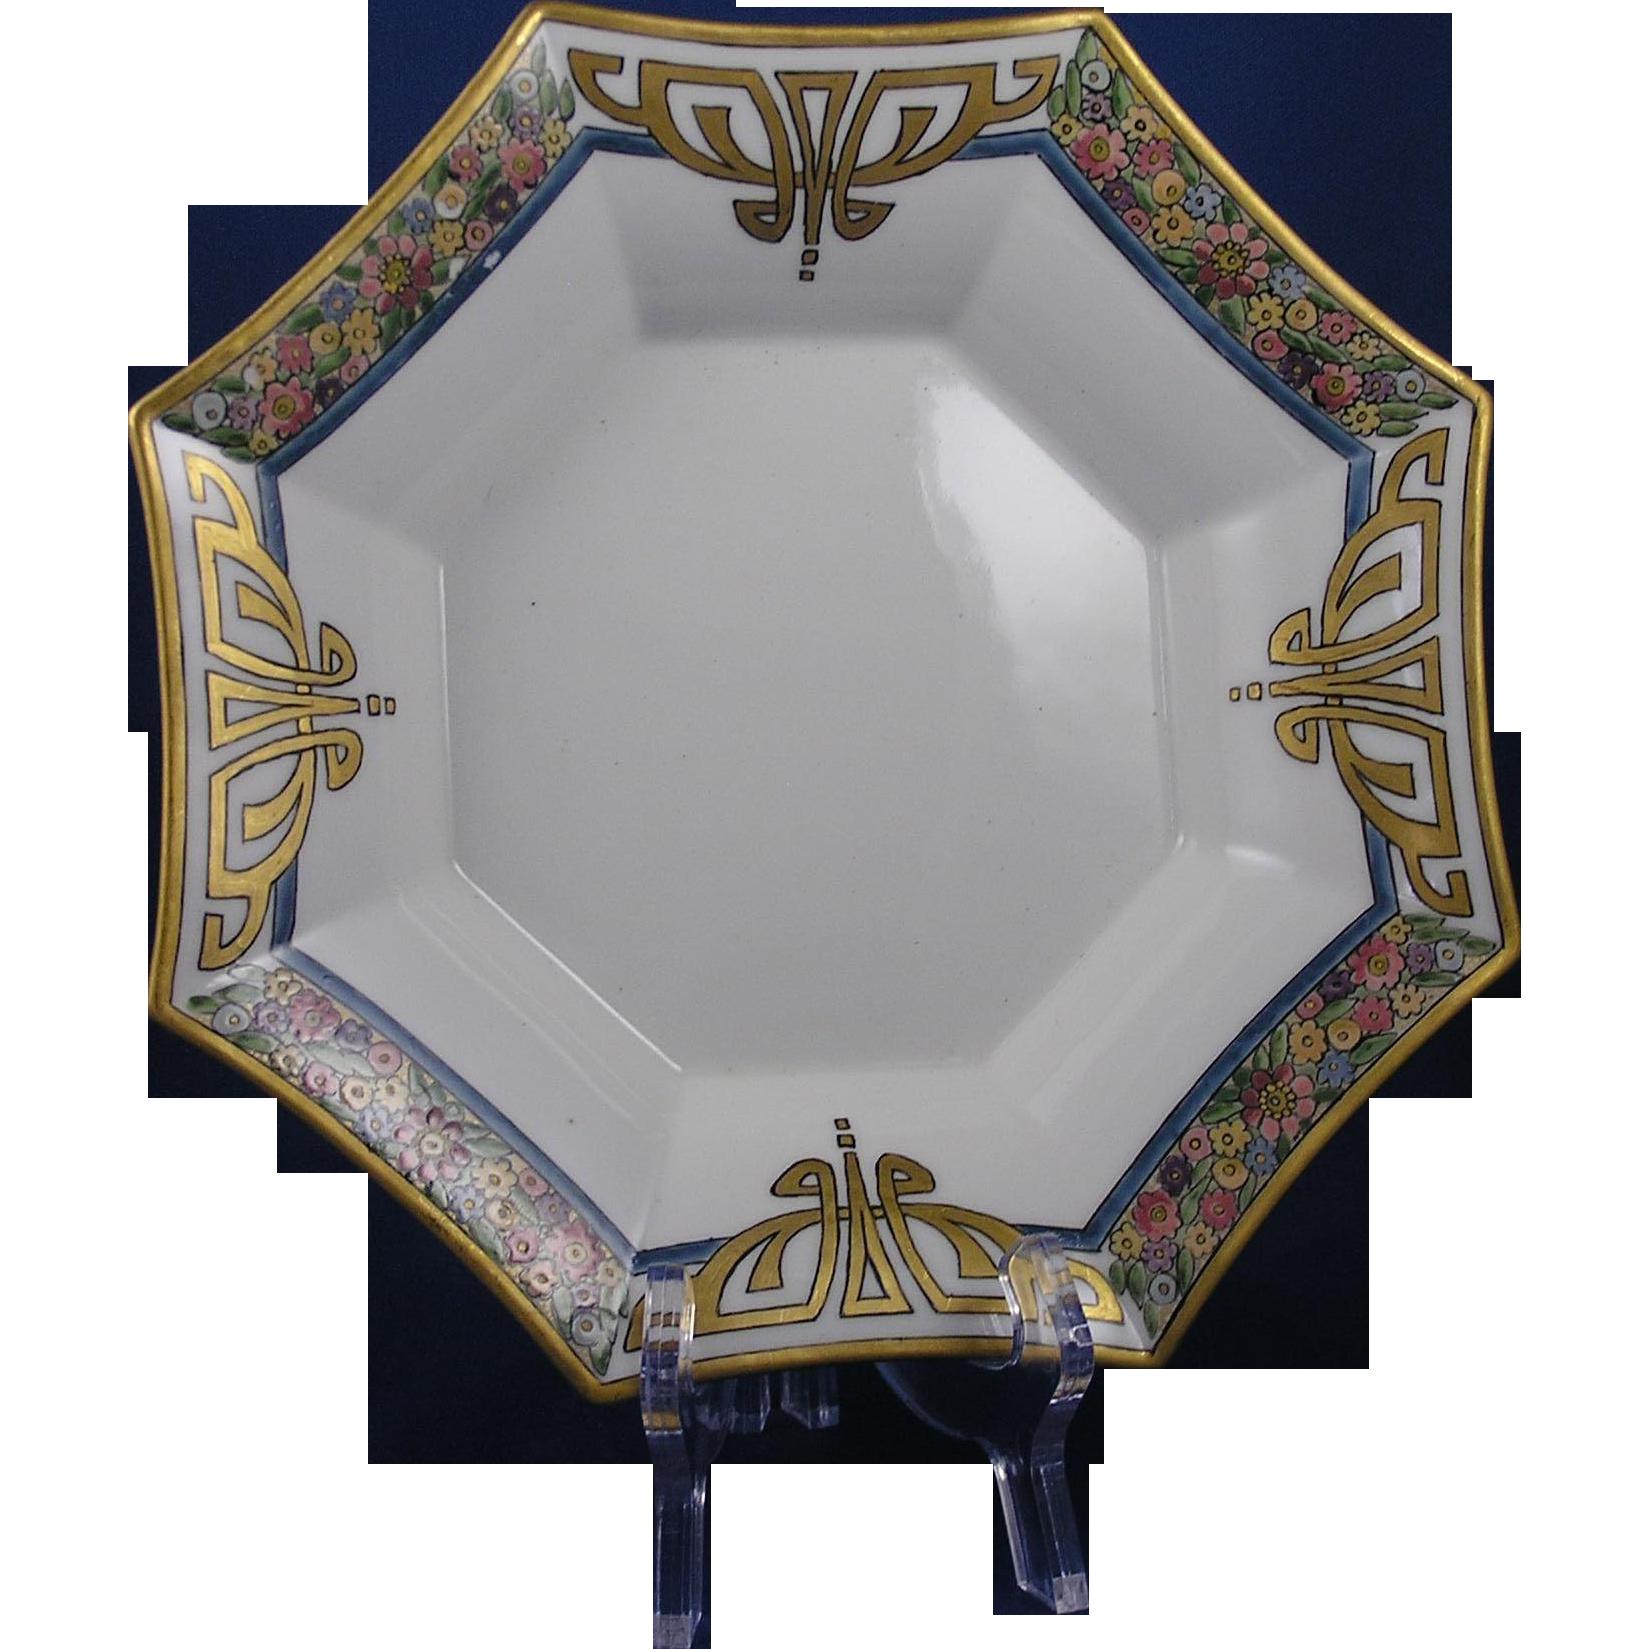 Paroutaud Freres (P&P) Limoges Enameled Art Deco Floral Bowl (c.1903-1917)